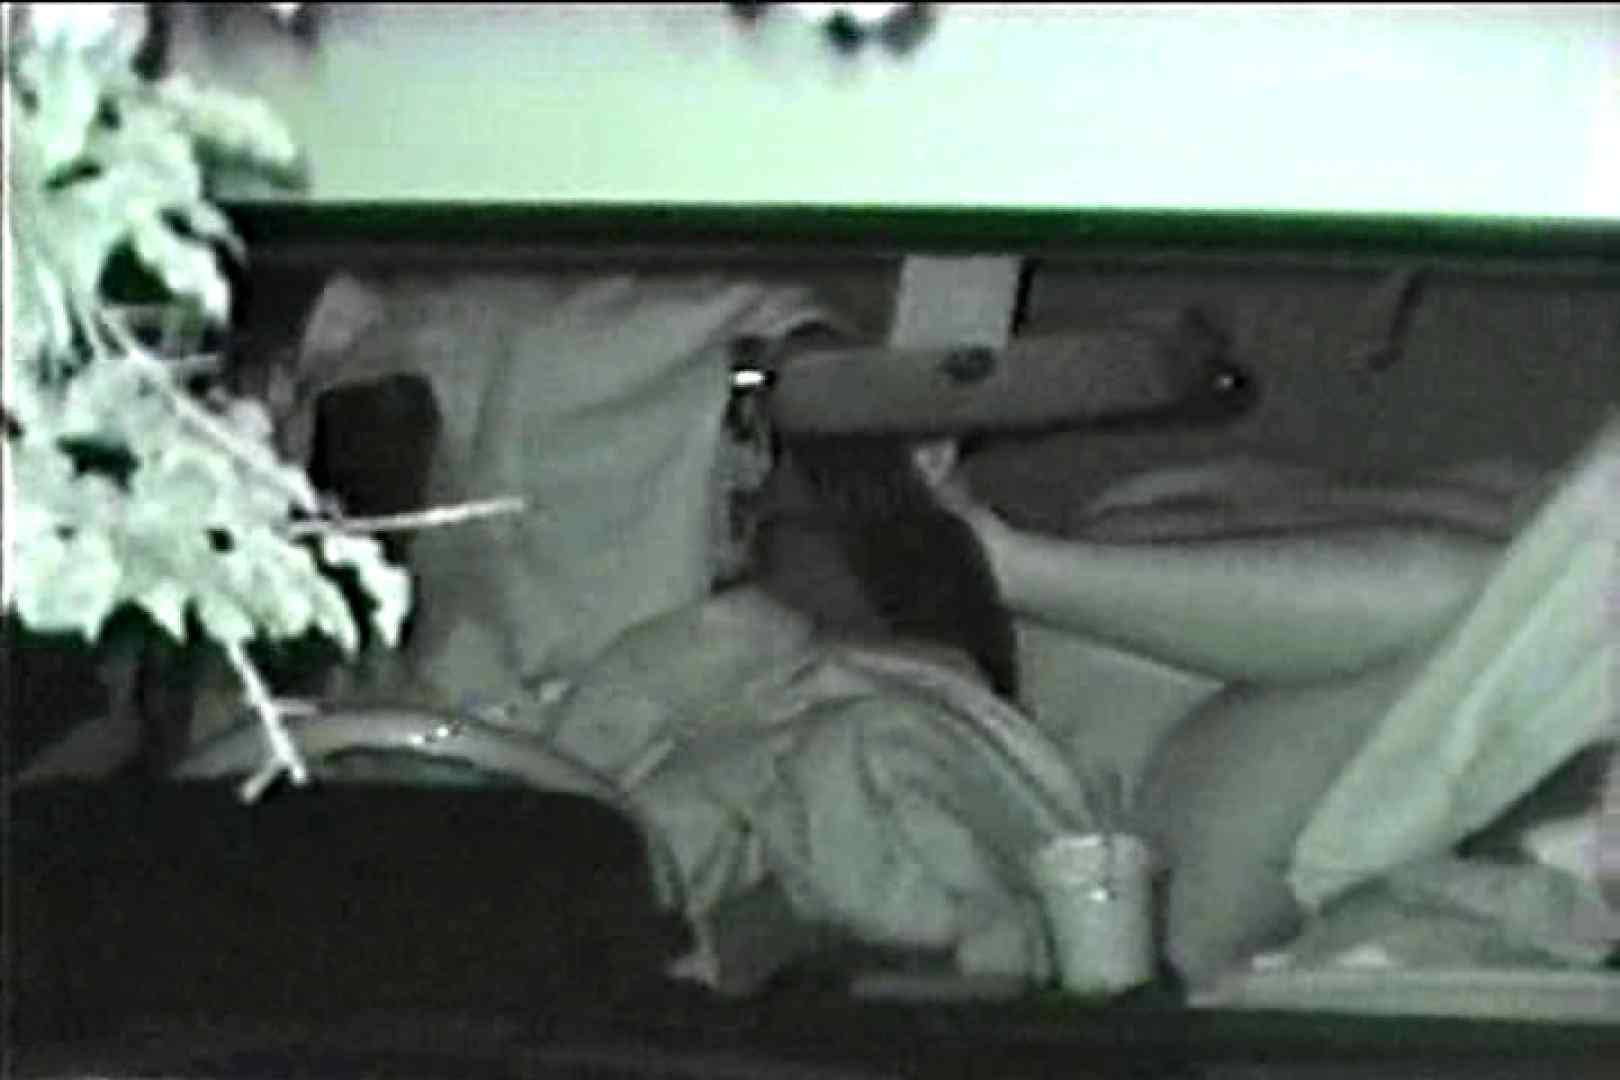 車の中はラブホテル 無修正版  Vol.7 ラブホテル AV無料動画キャプチャ 96連発 23